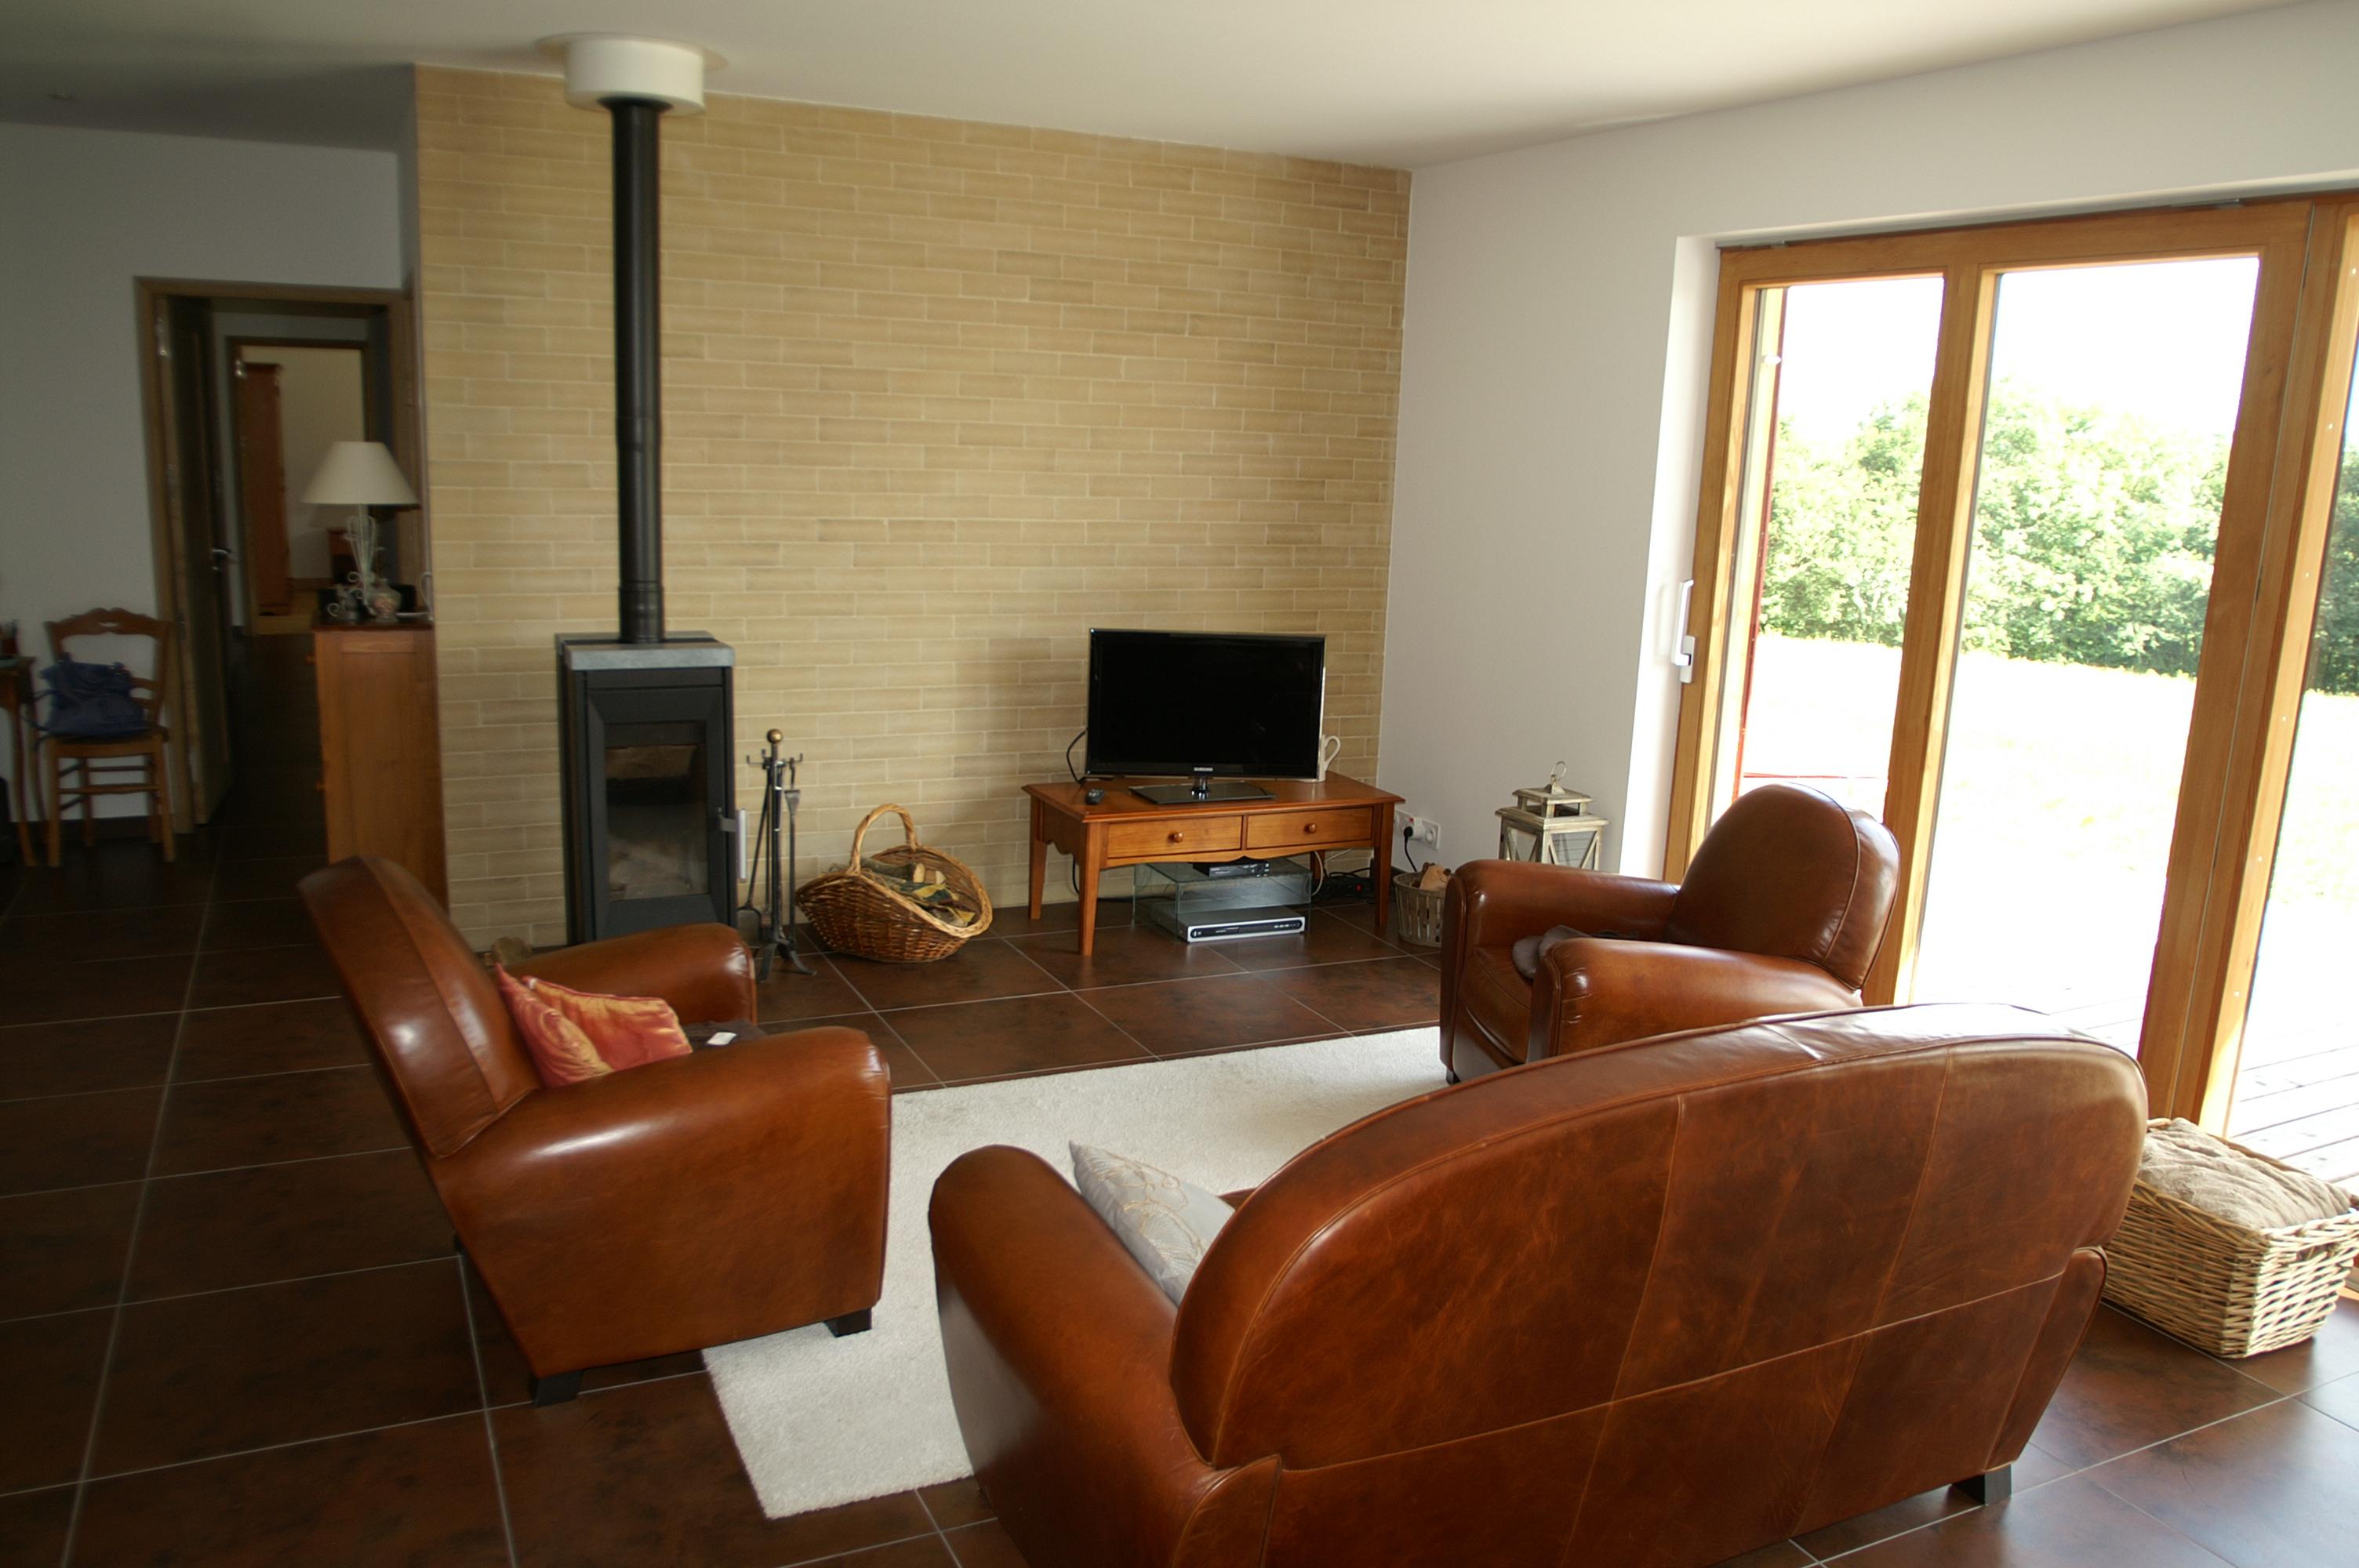 Poele A Bois Maison maison passive à lys st georges (36) – scop fiabitat concept